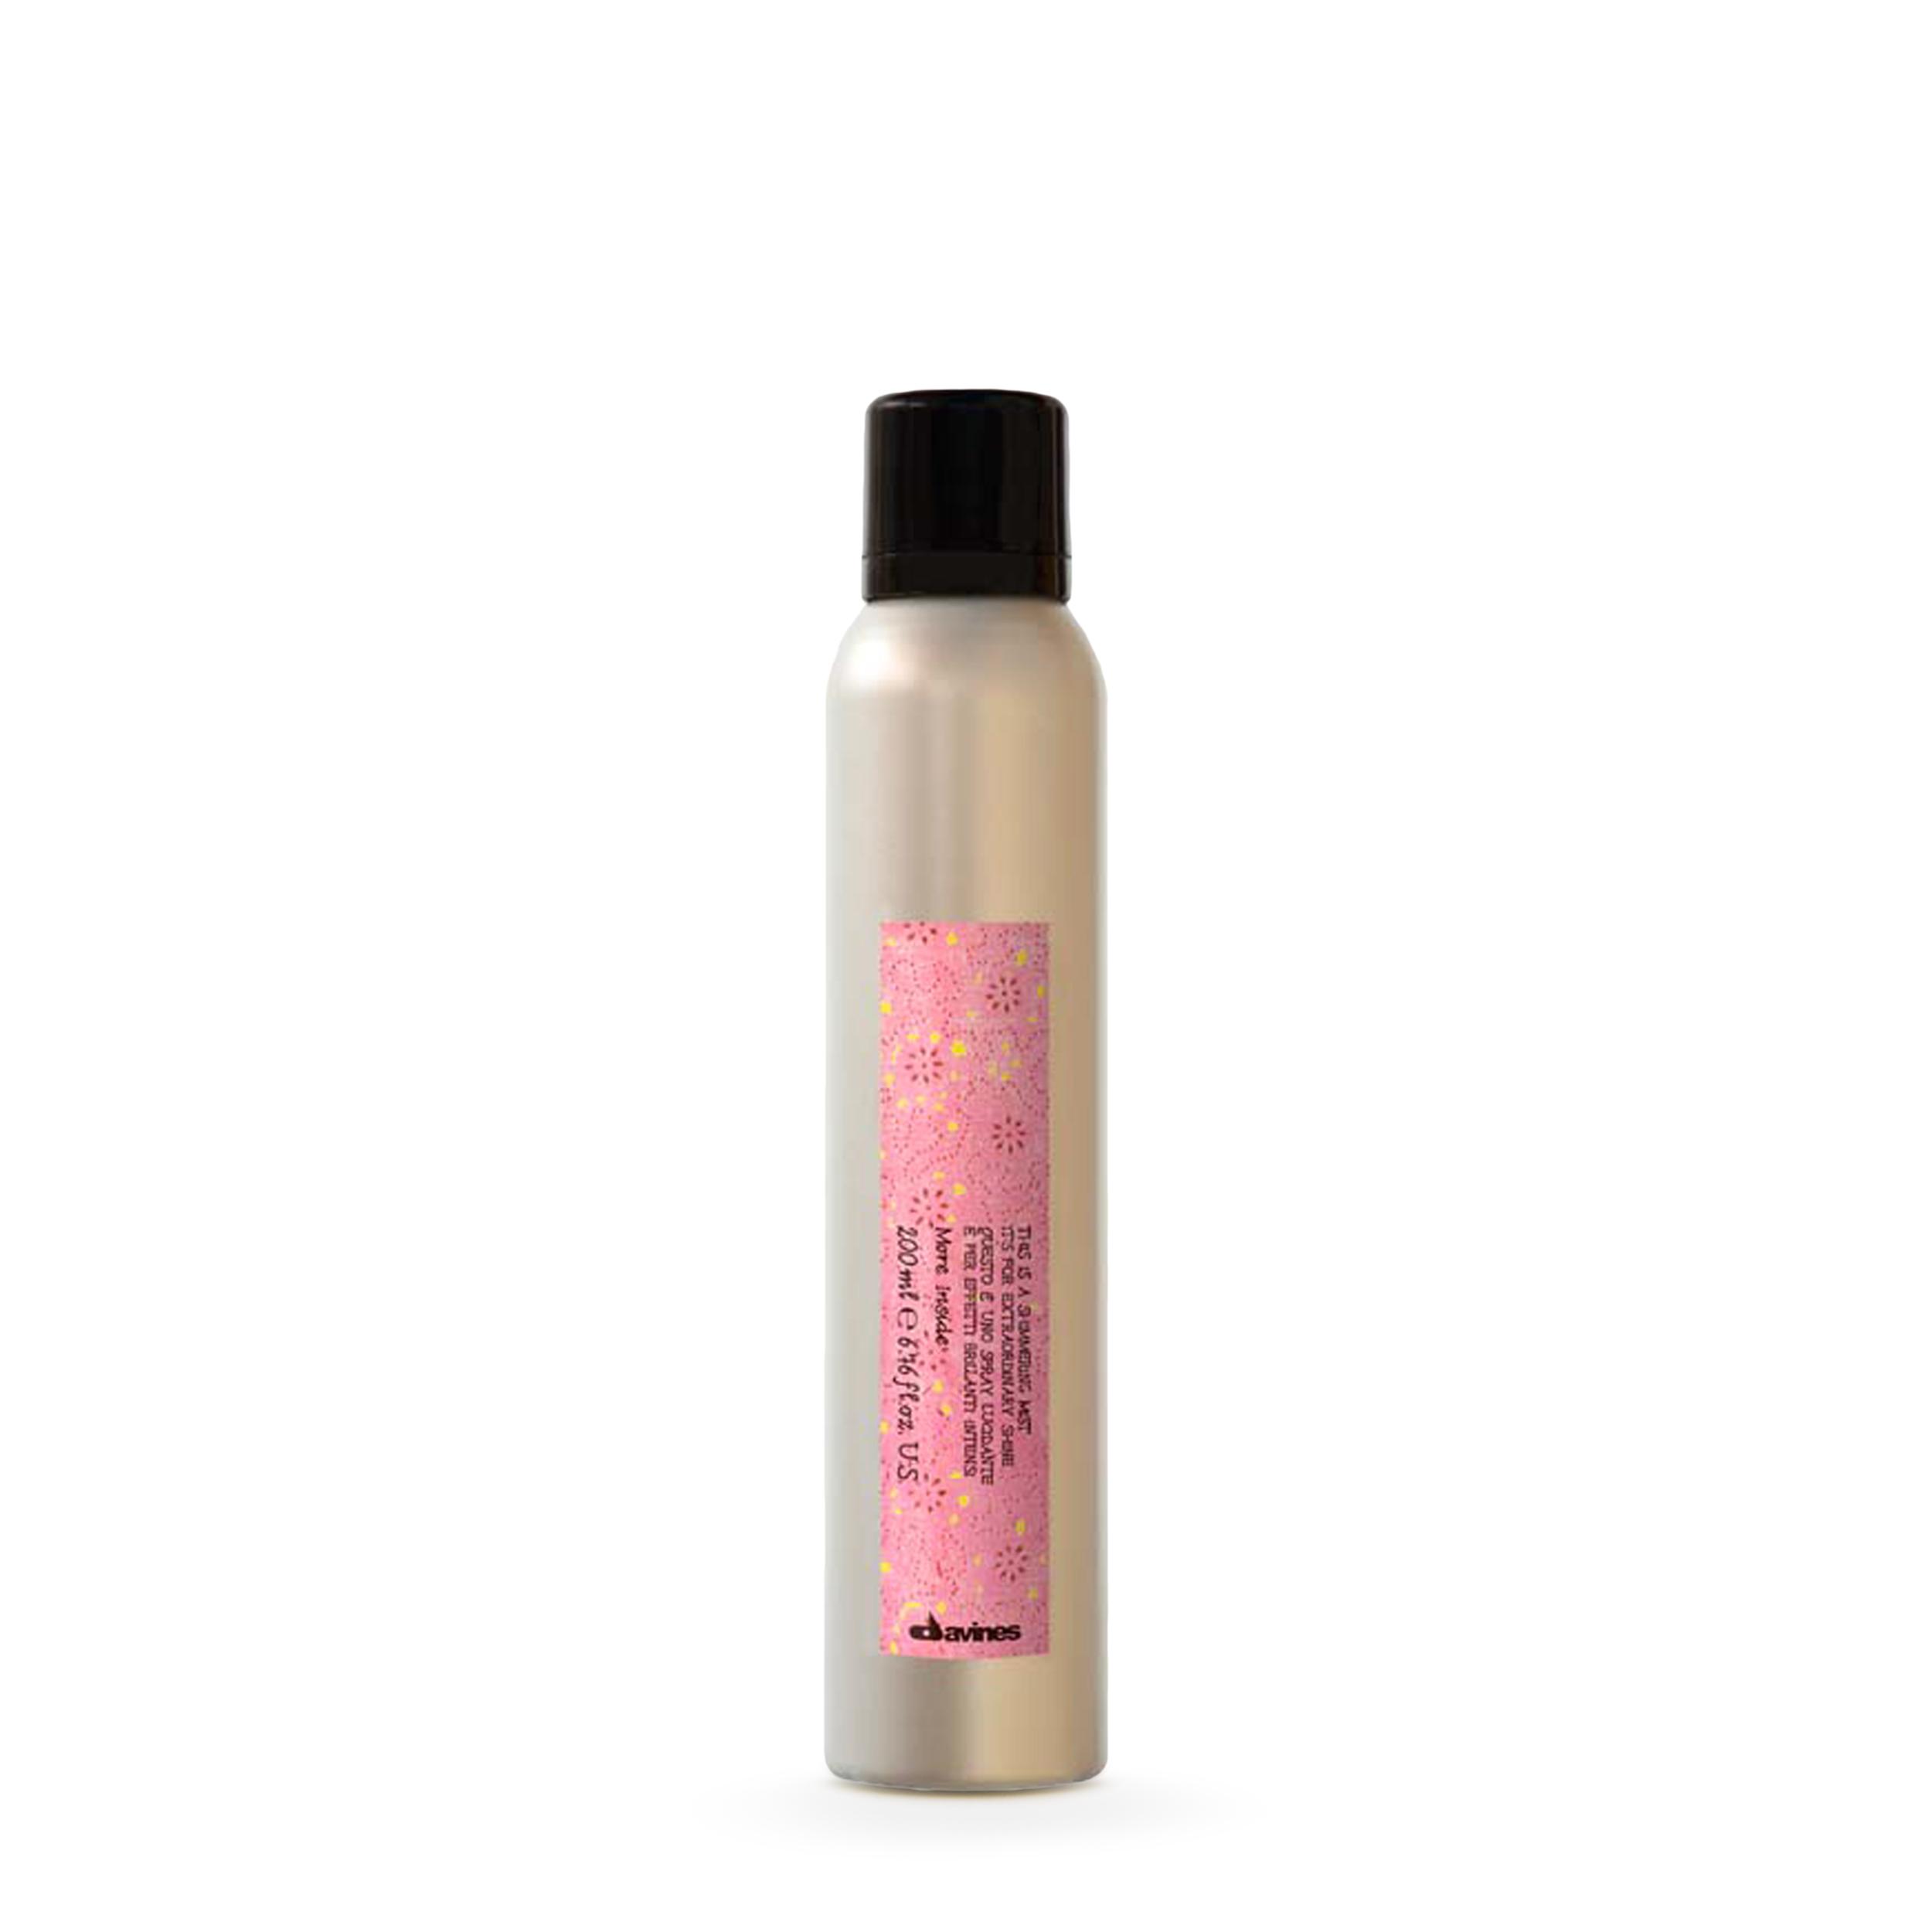 Купить Davines Мерцающий спрей для исключительного блеска волос